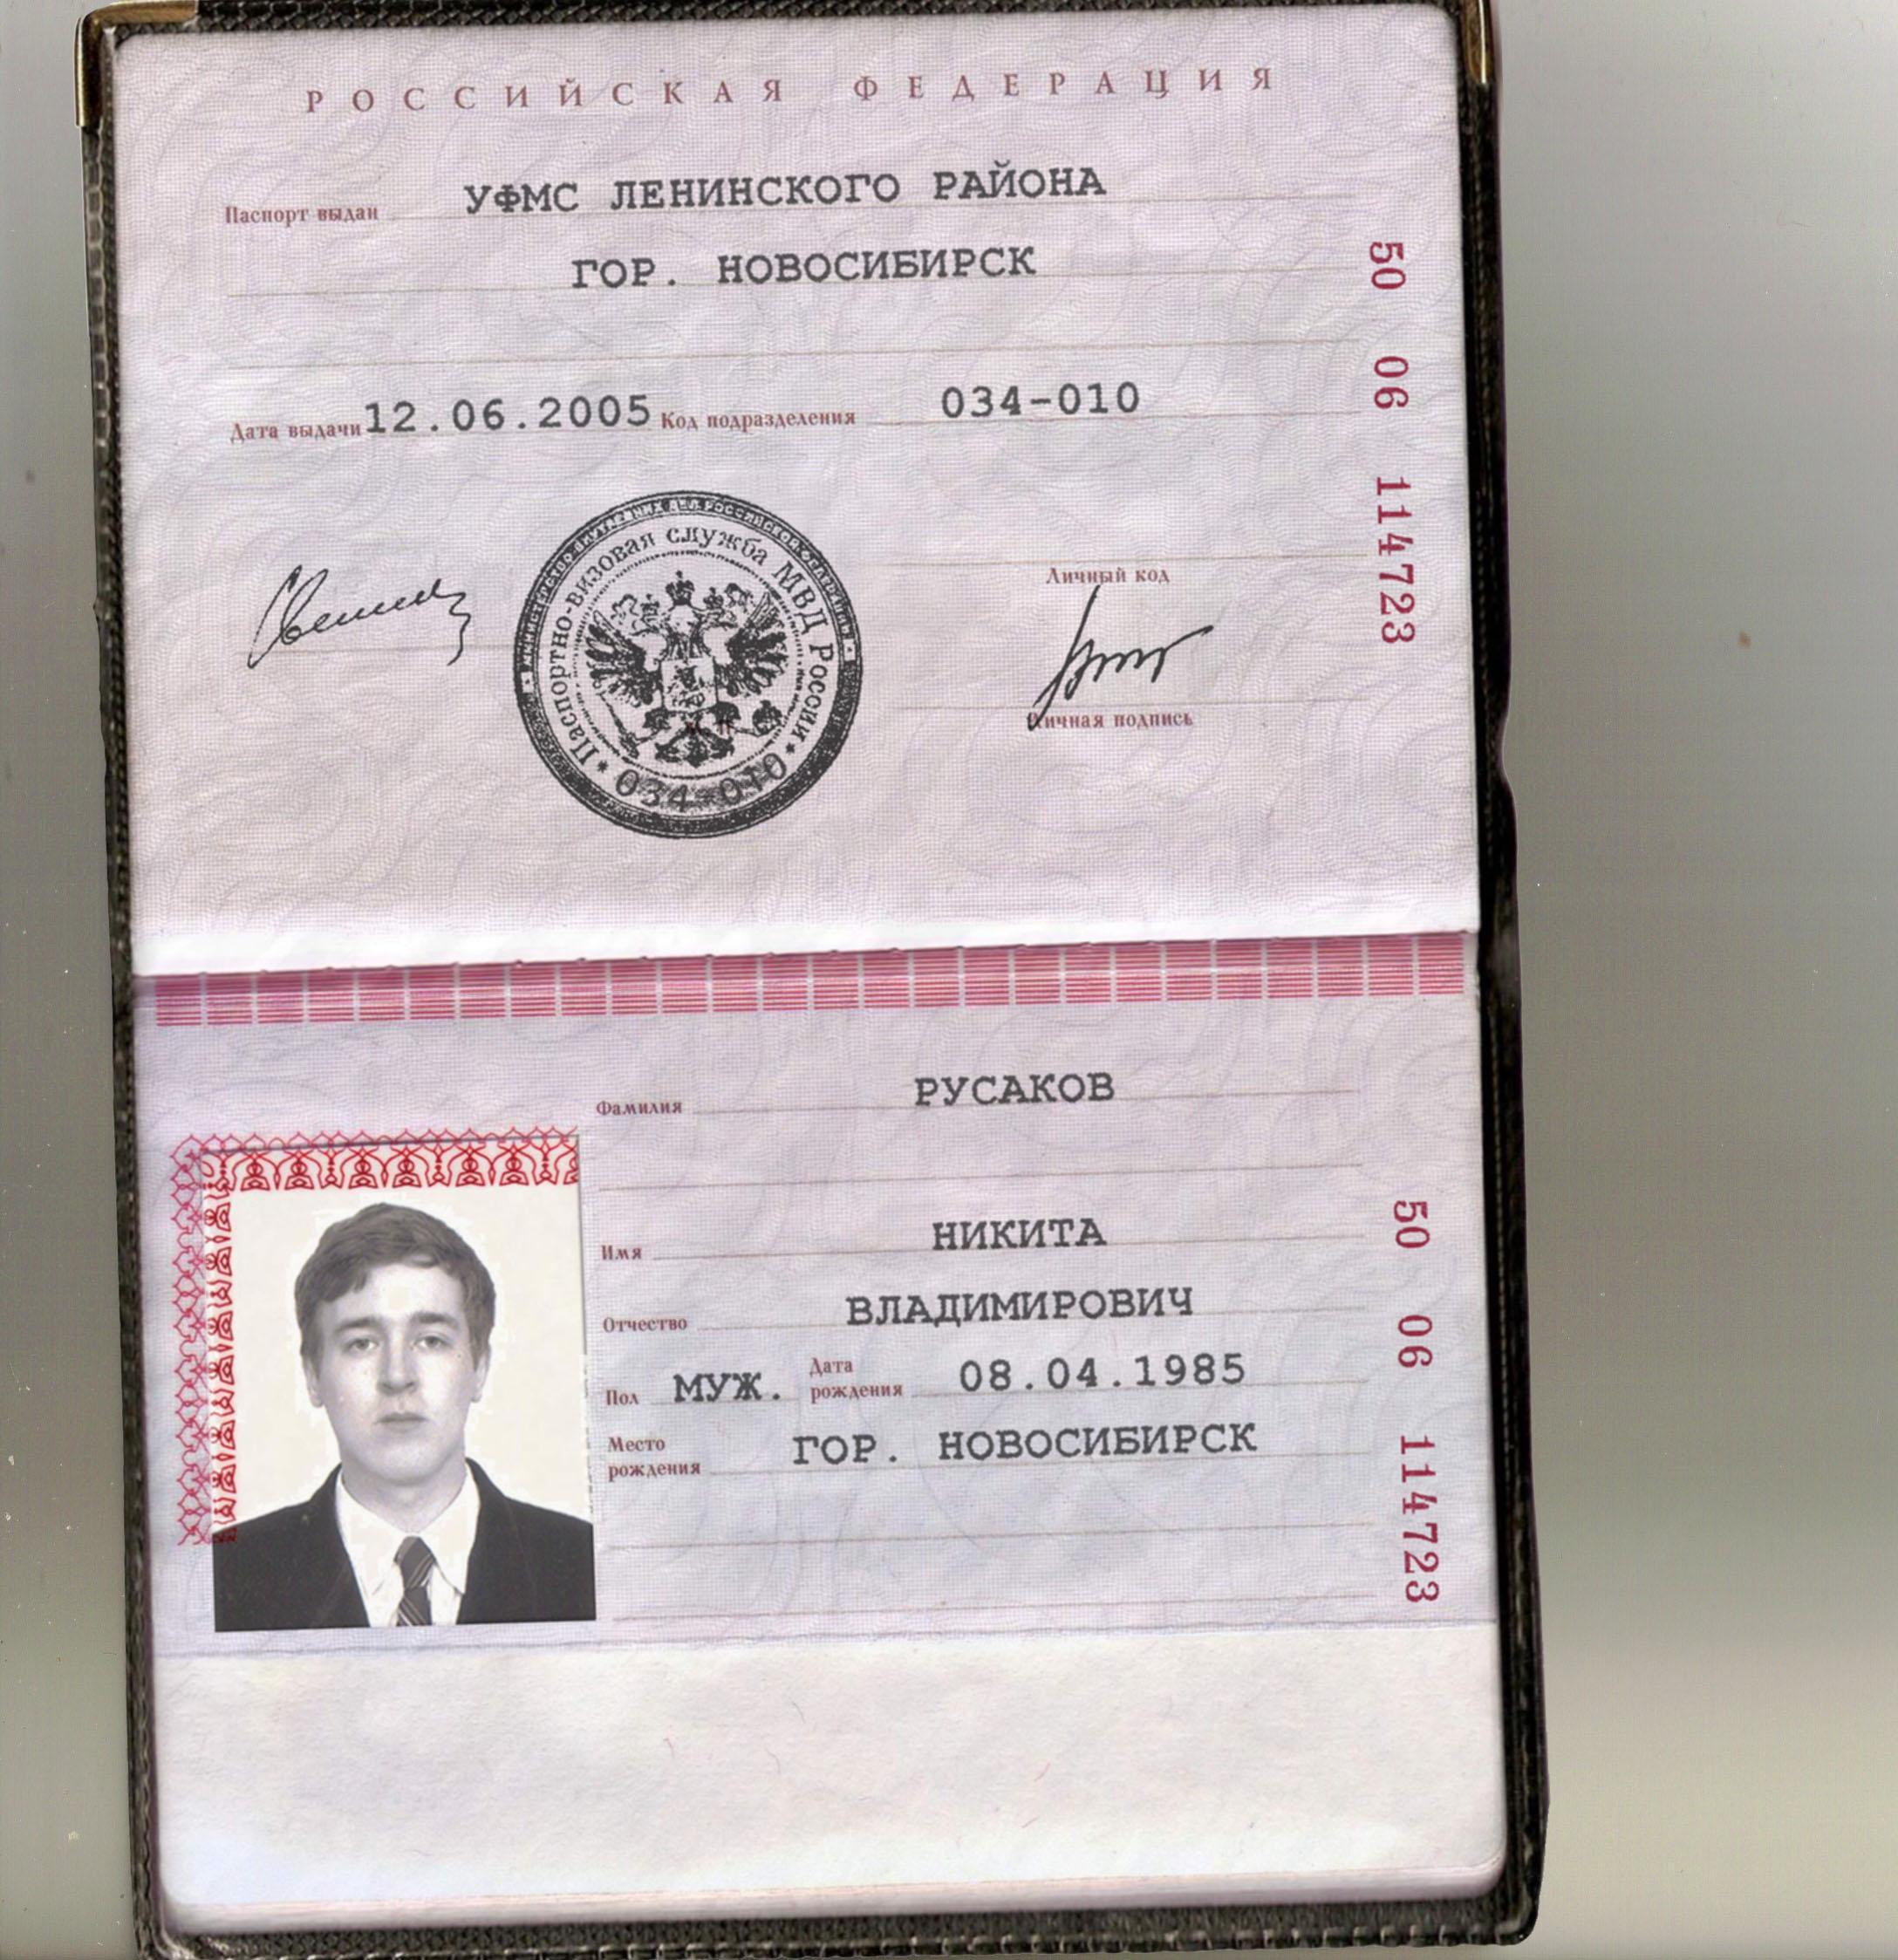 Как сделать российский паспорт в санкт-петербурге